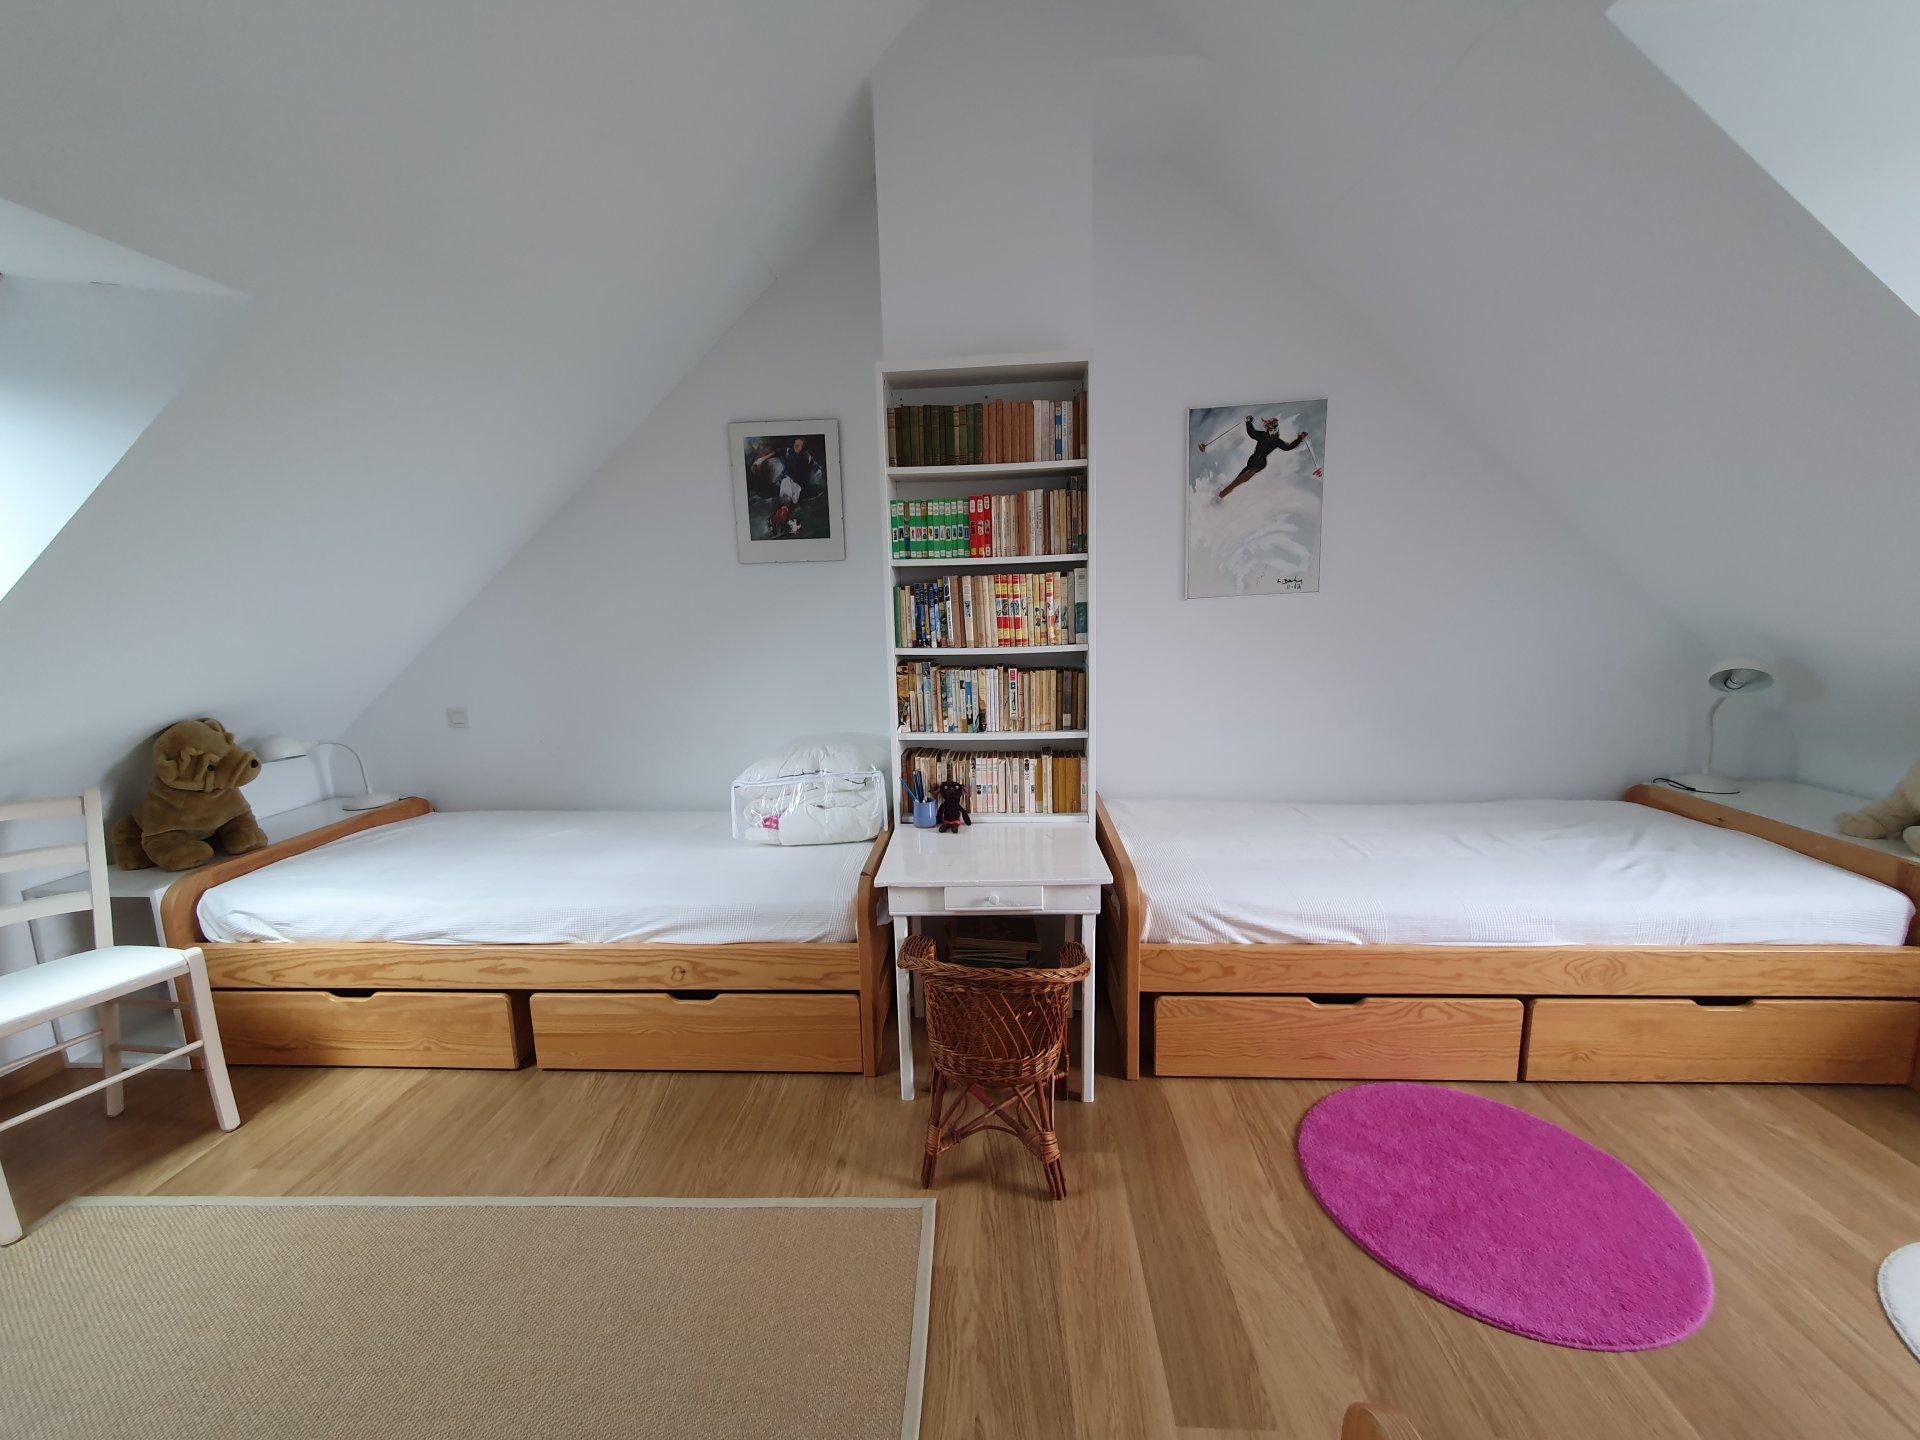 Maison à louer à Damgan Pénerf - Maison de vacances pour 6 personnes